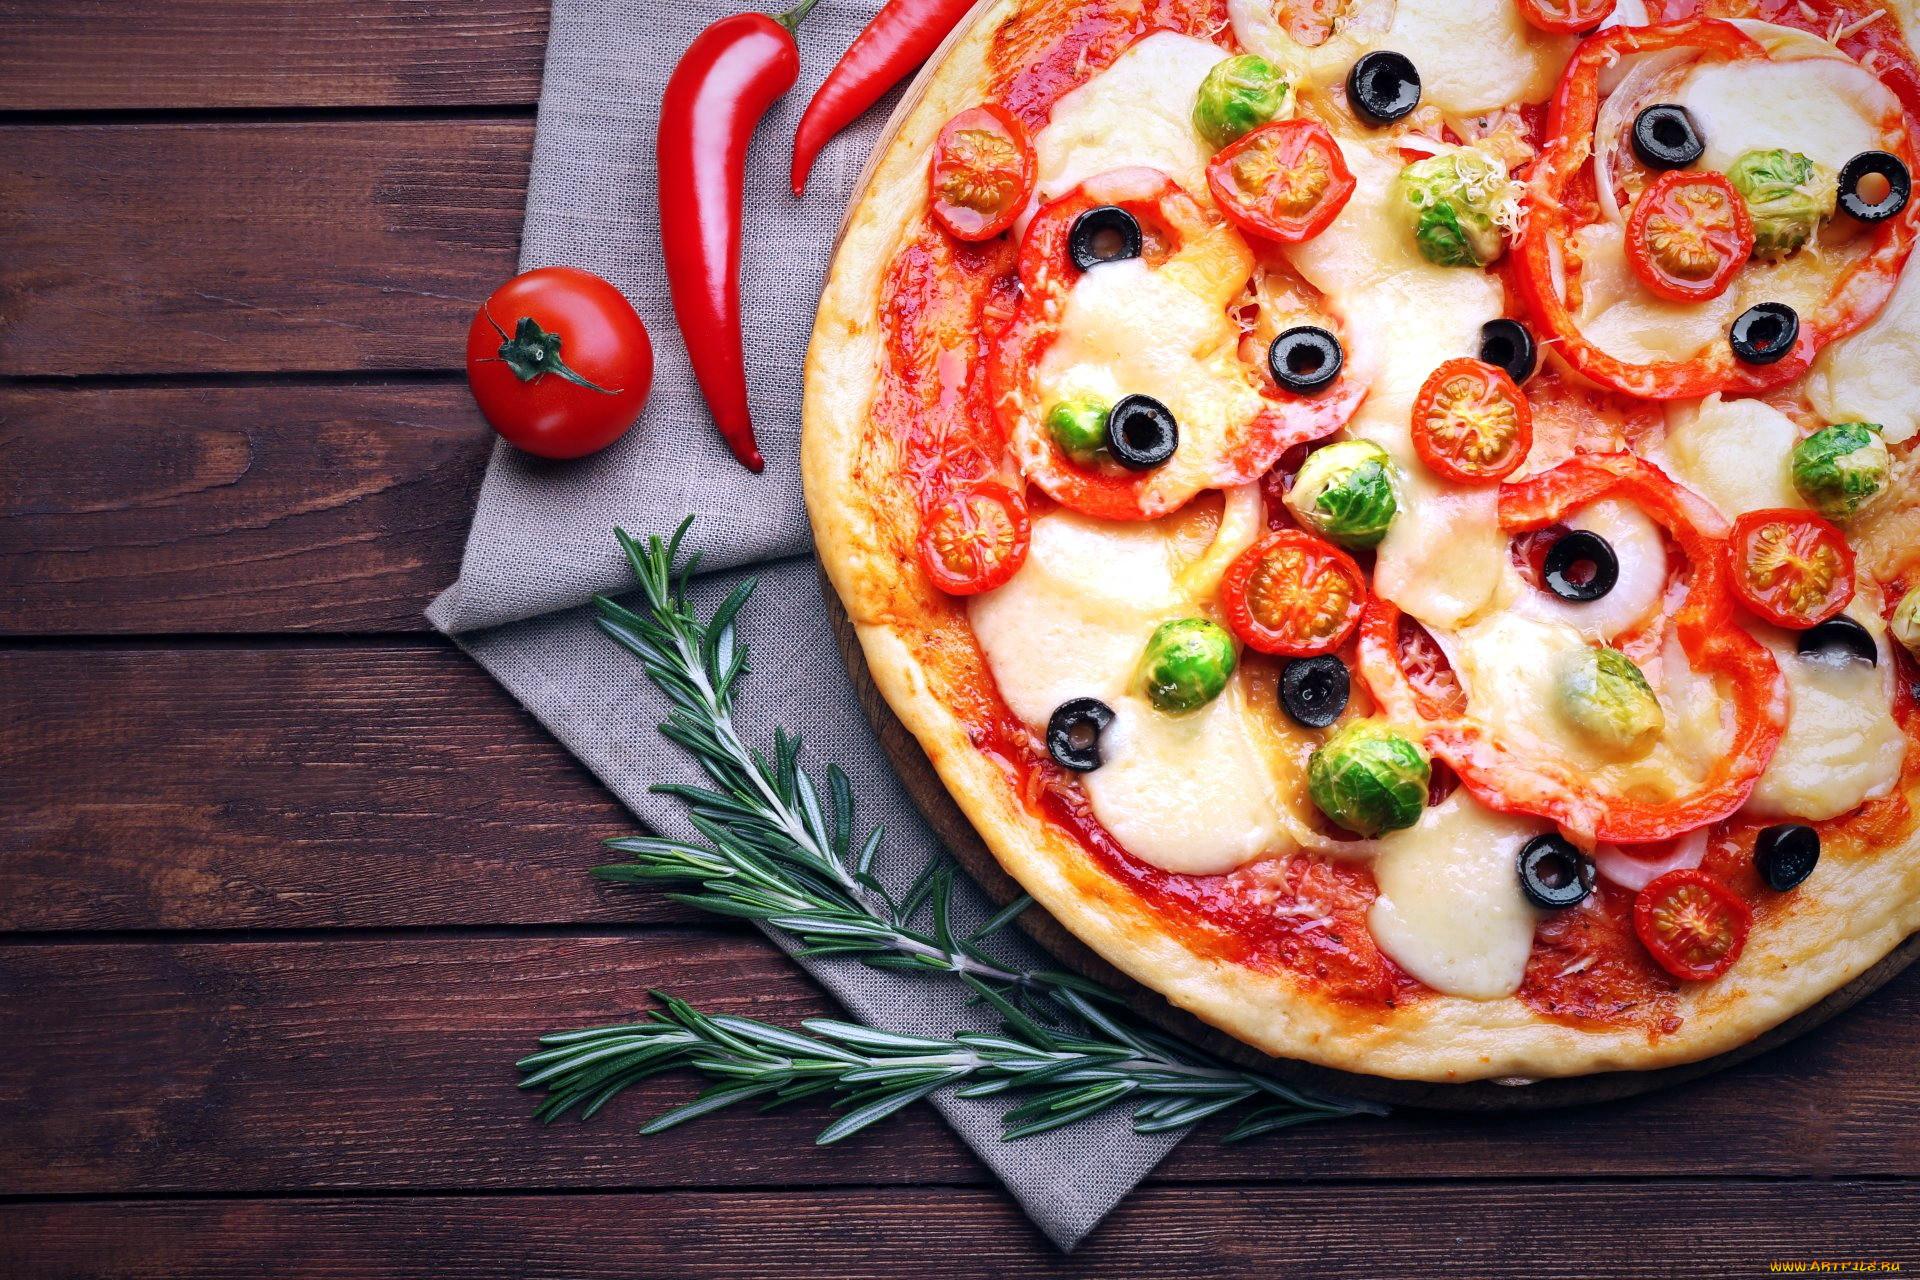 пицца еда картинки возникает пальцах